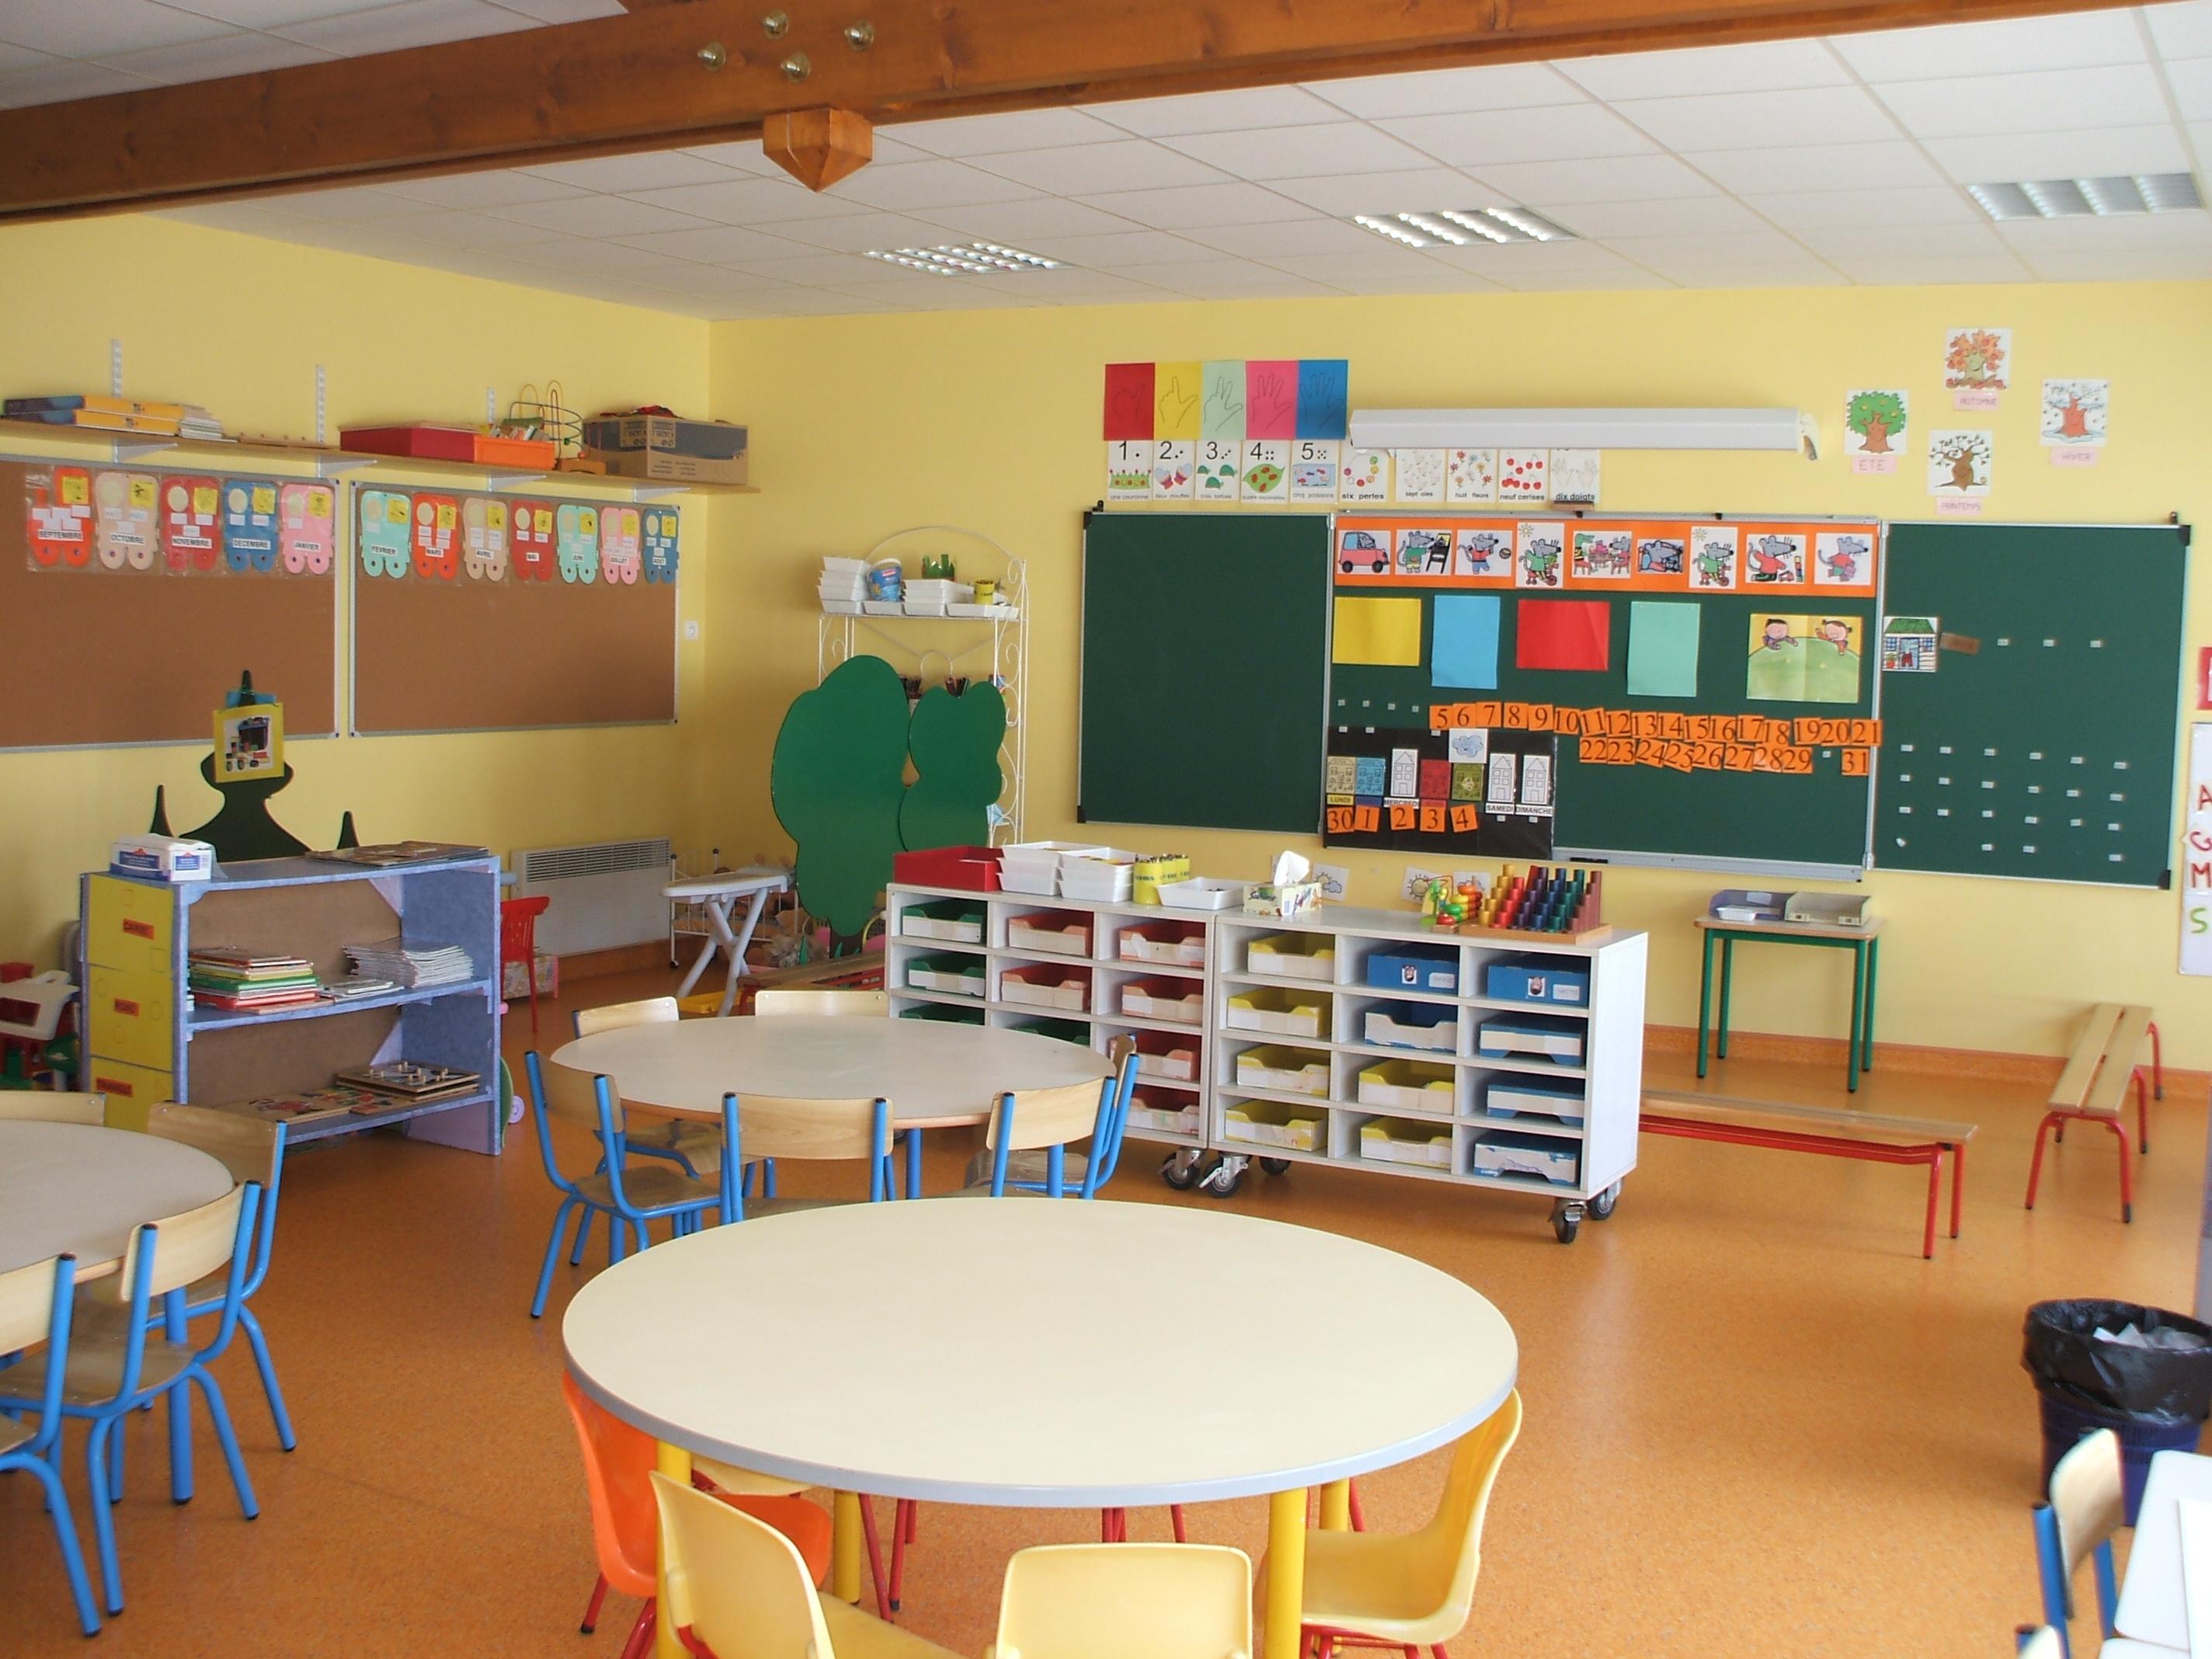 Conseil municipal du 07 juillet 2016 – Fermeture d'une école à Bellecroix : une erreur d'appréciation